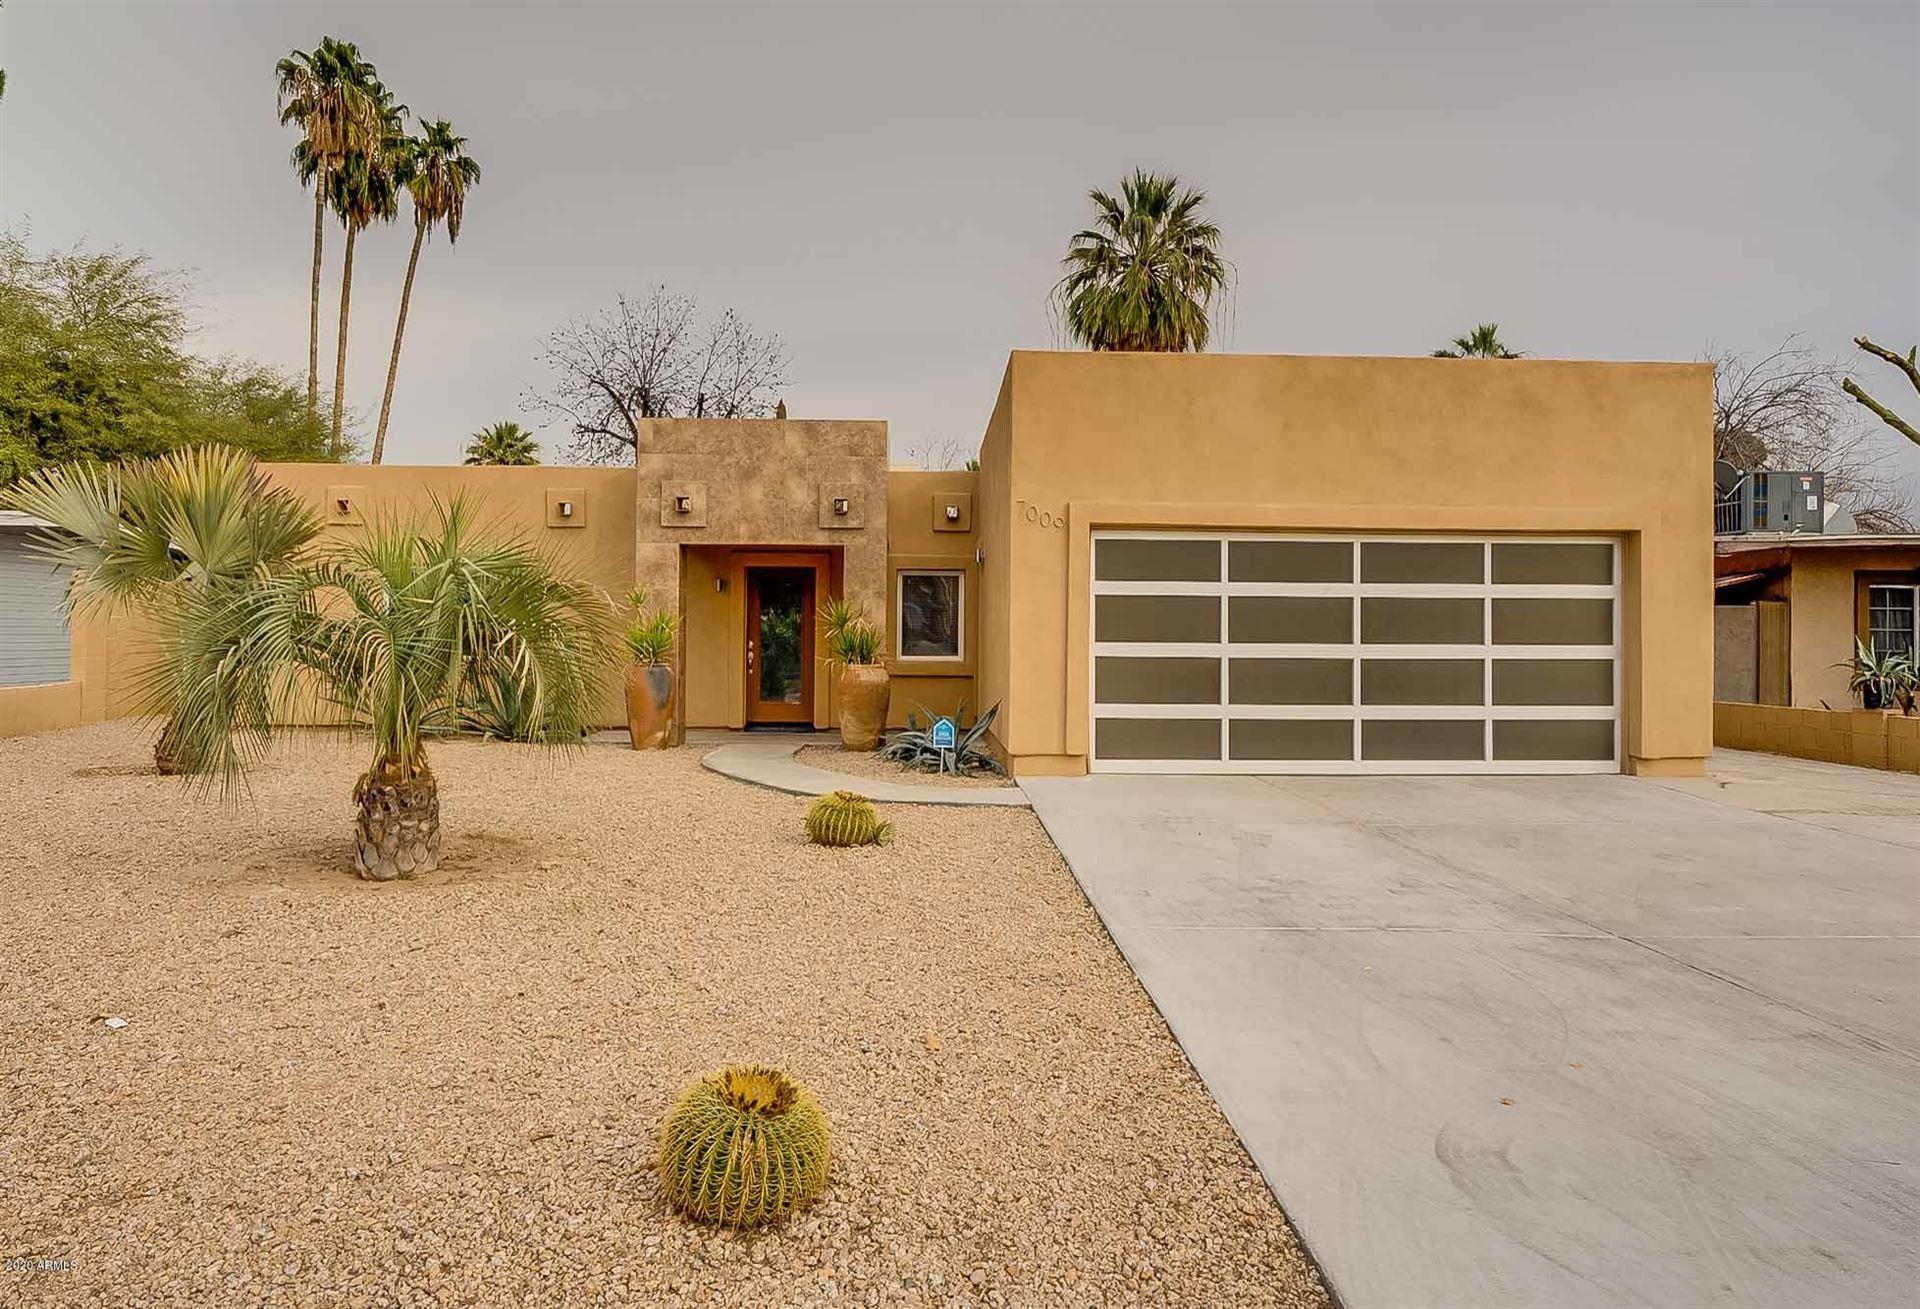 7009 N 14TH Drive, Phoenix, AZ 85021 - MLS#: 6025551